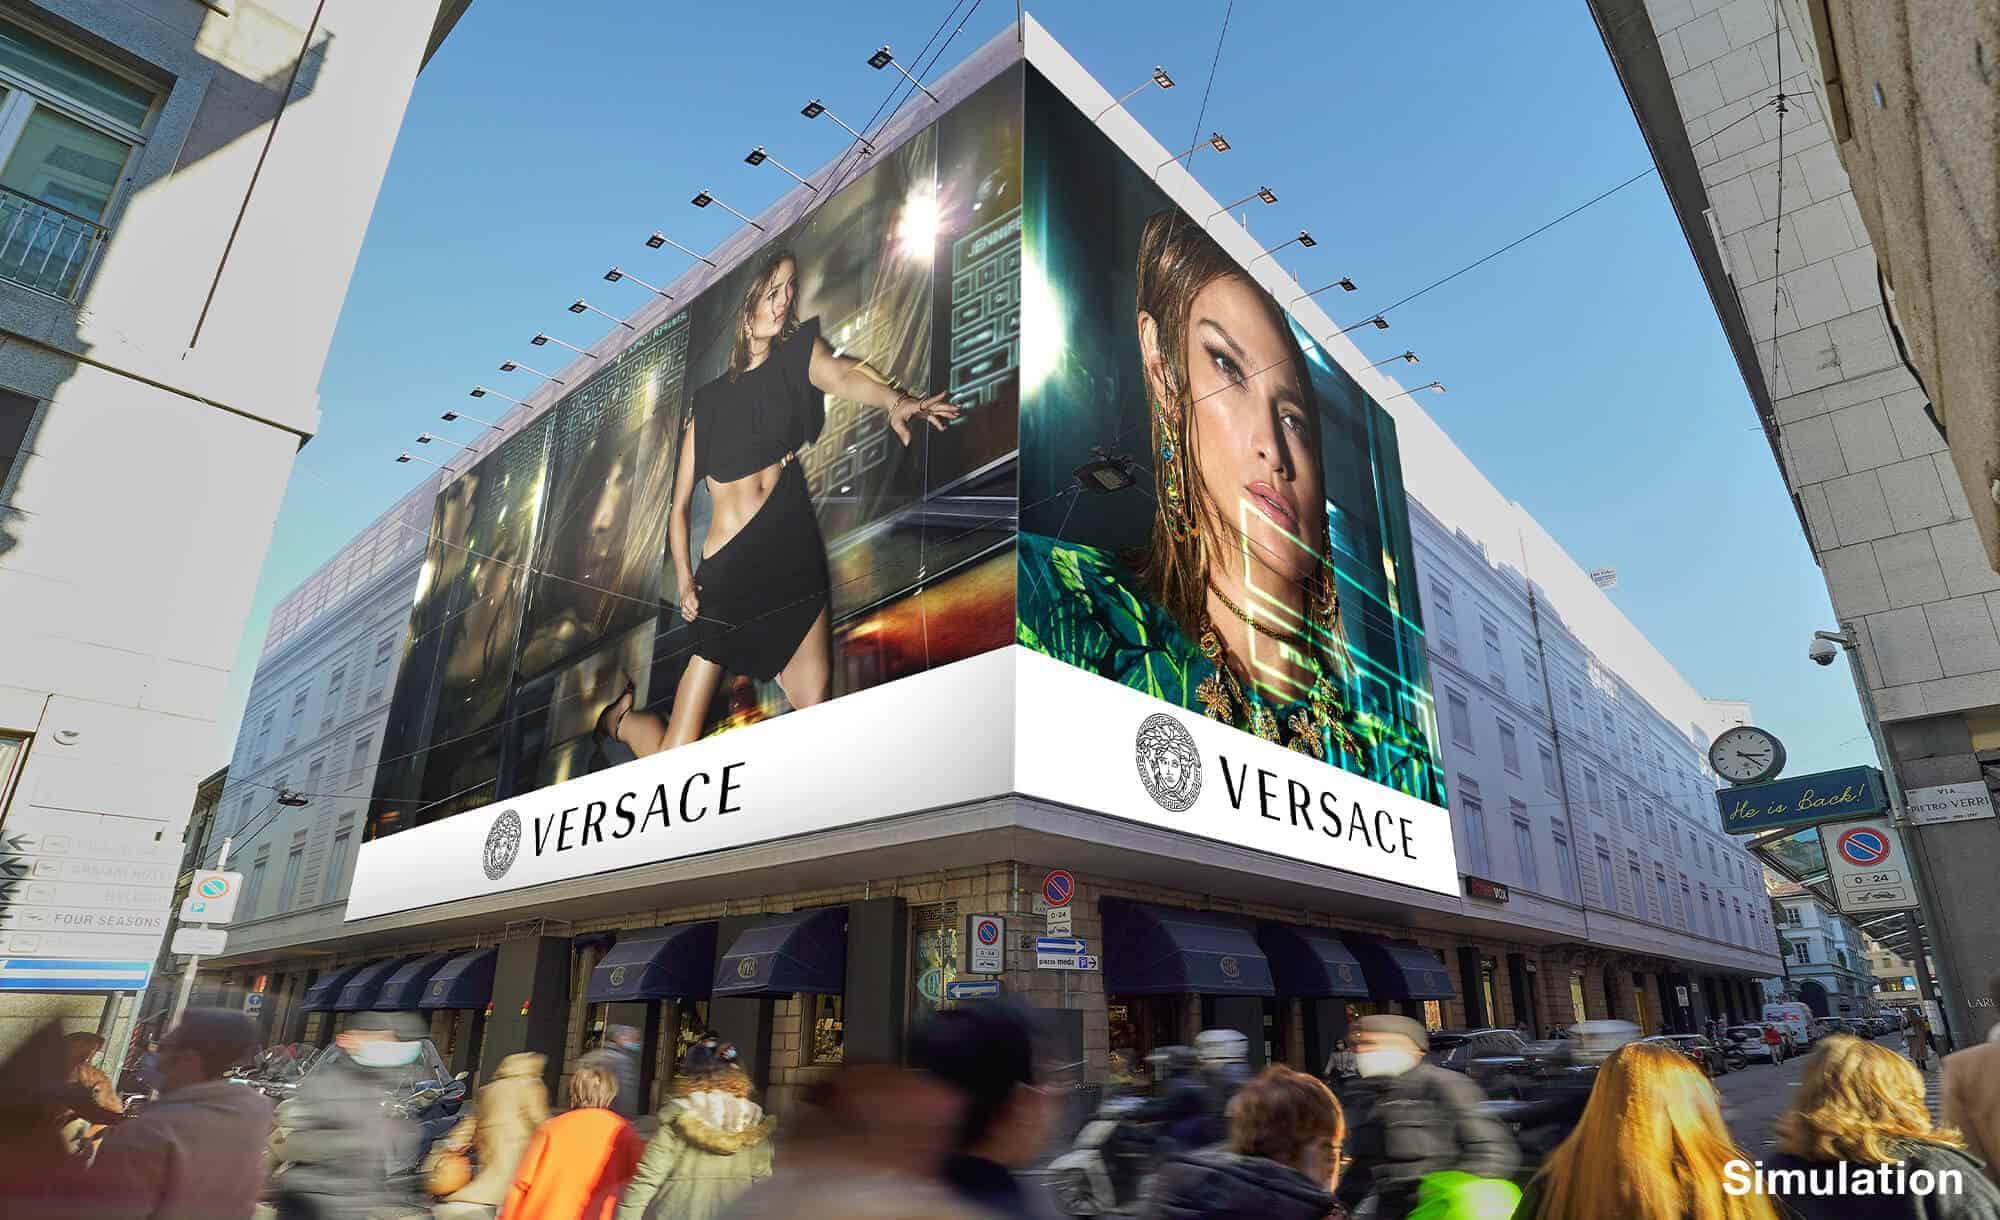 Maxi Affissione Streetvox Via Monte Napoleone 8 a Milano con Versace (Fashion)